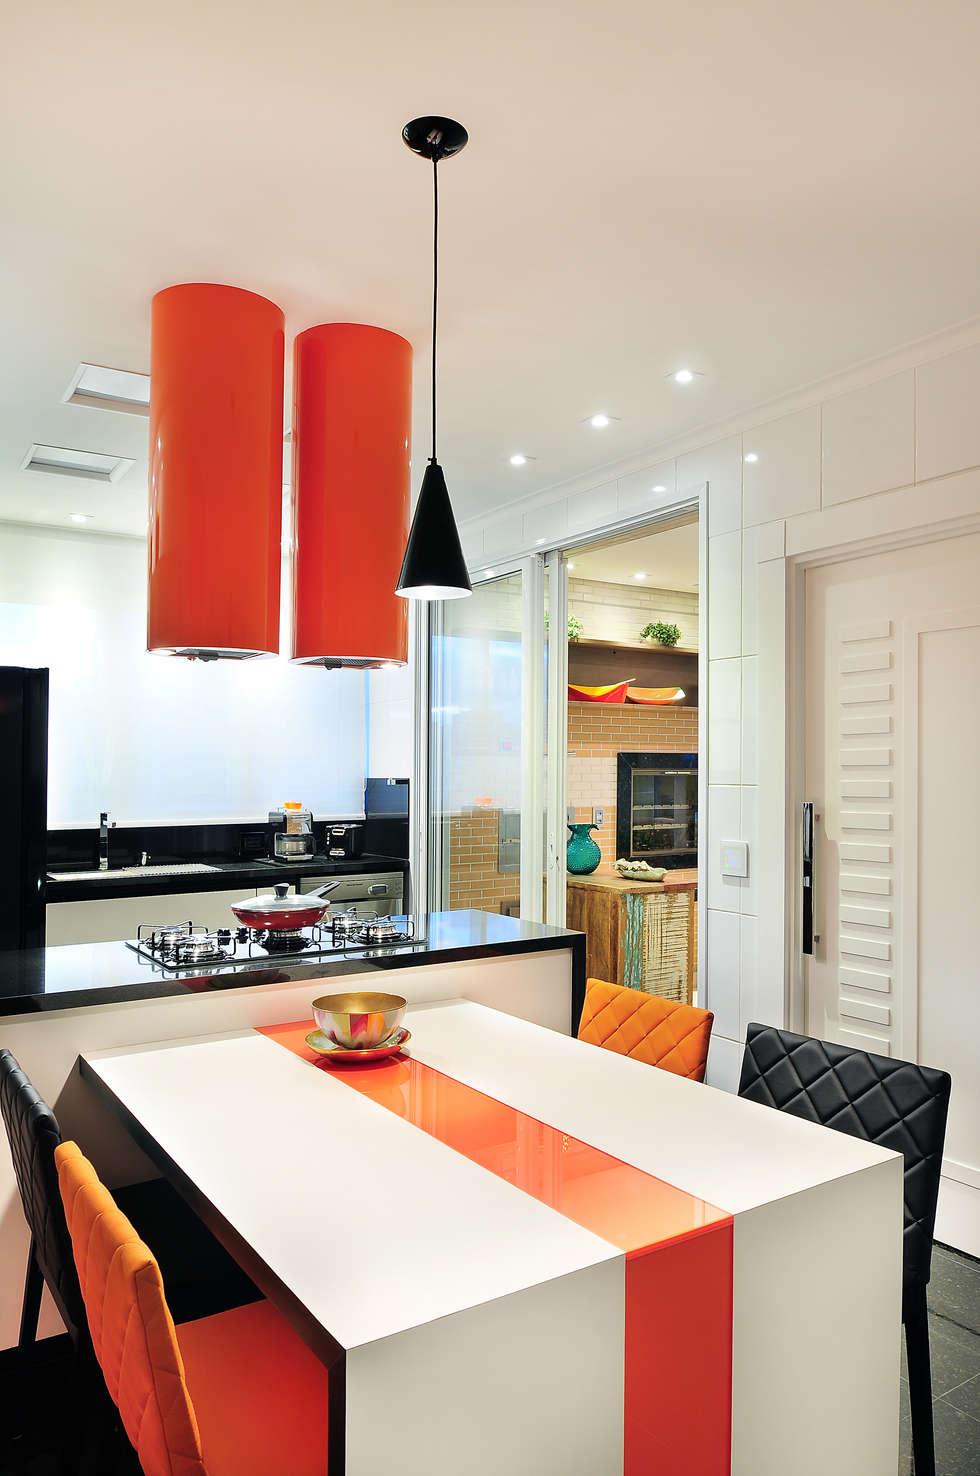 PROJETO IDENTIDADE BRASILEIRA - COZINHA: Cozinhas modernas por Adriana Scartaris design e interiores